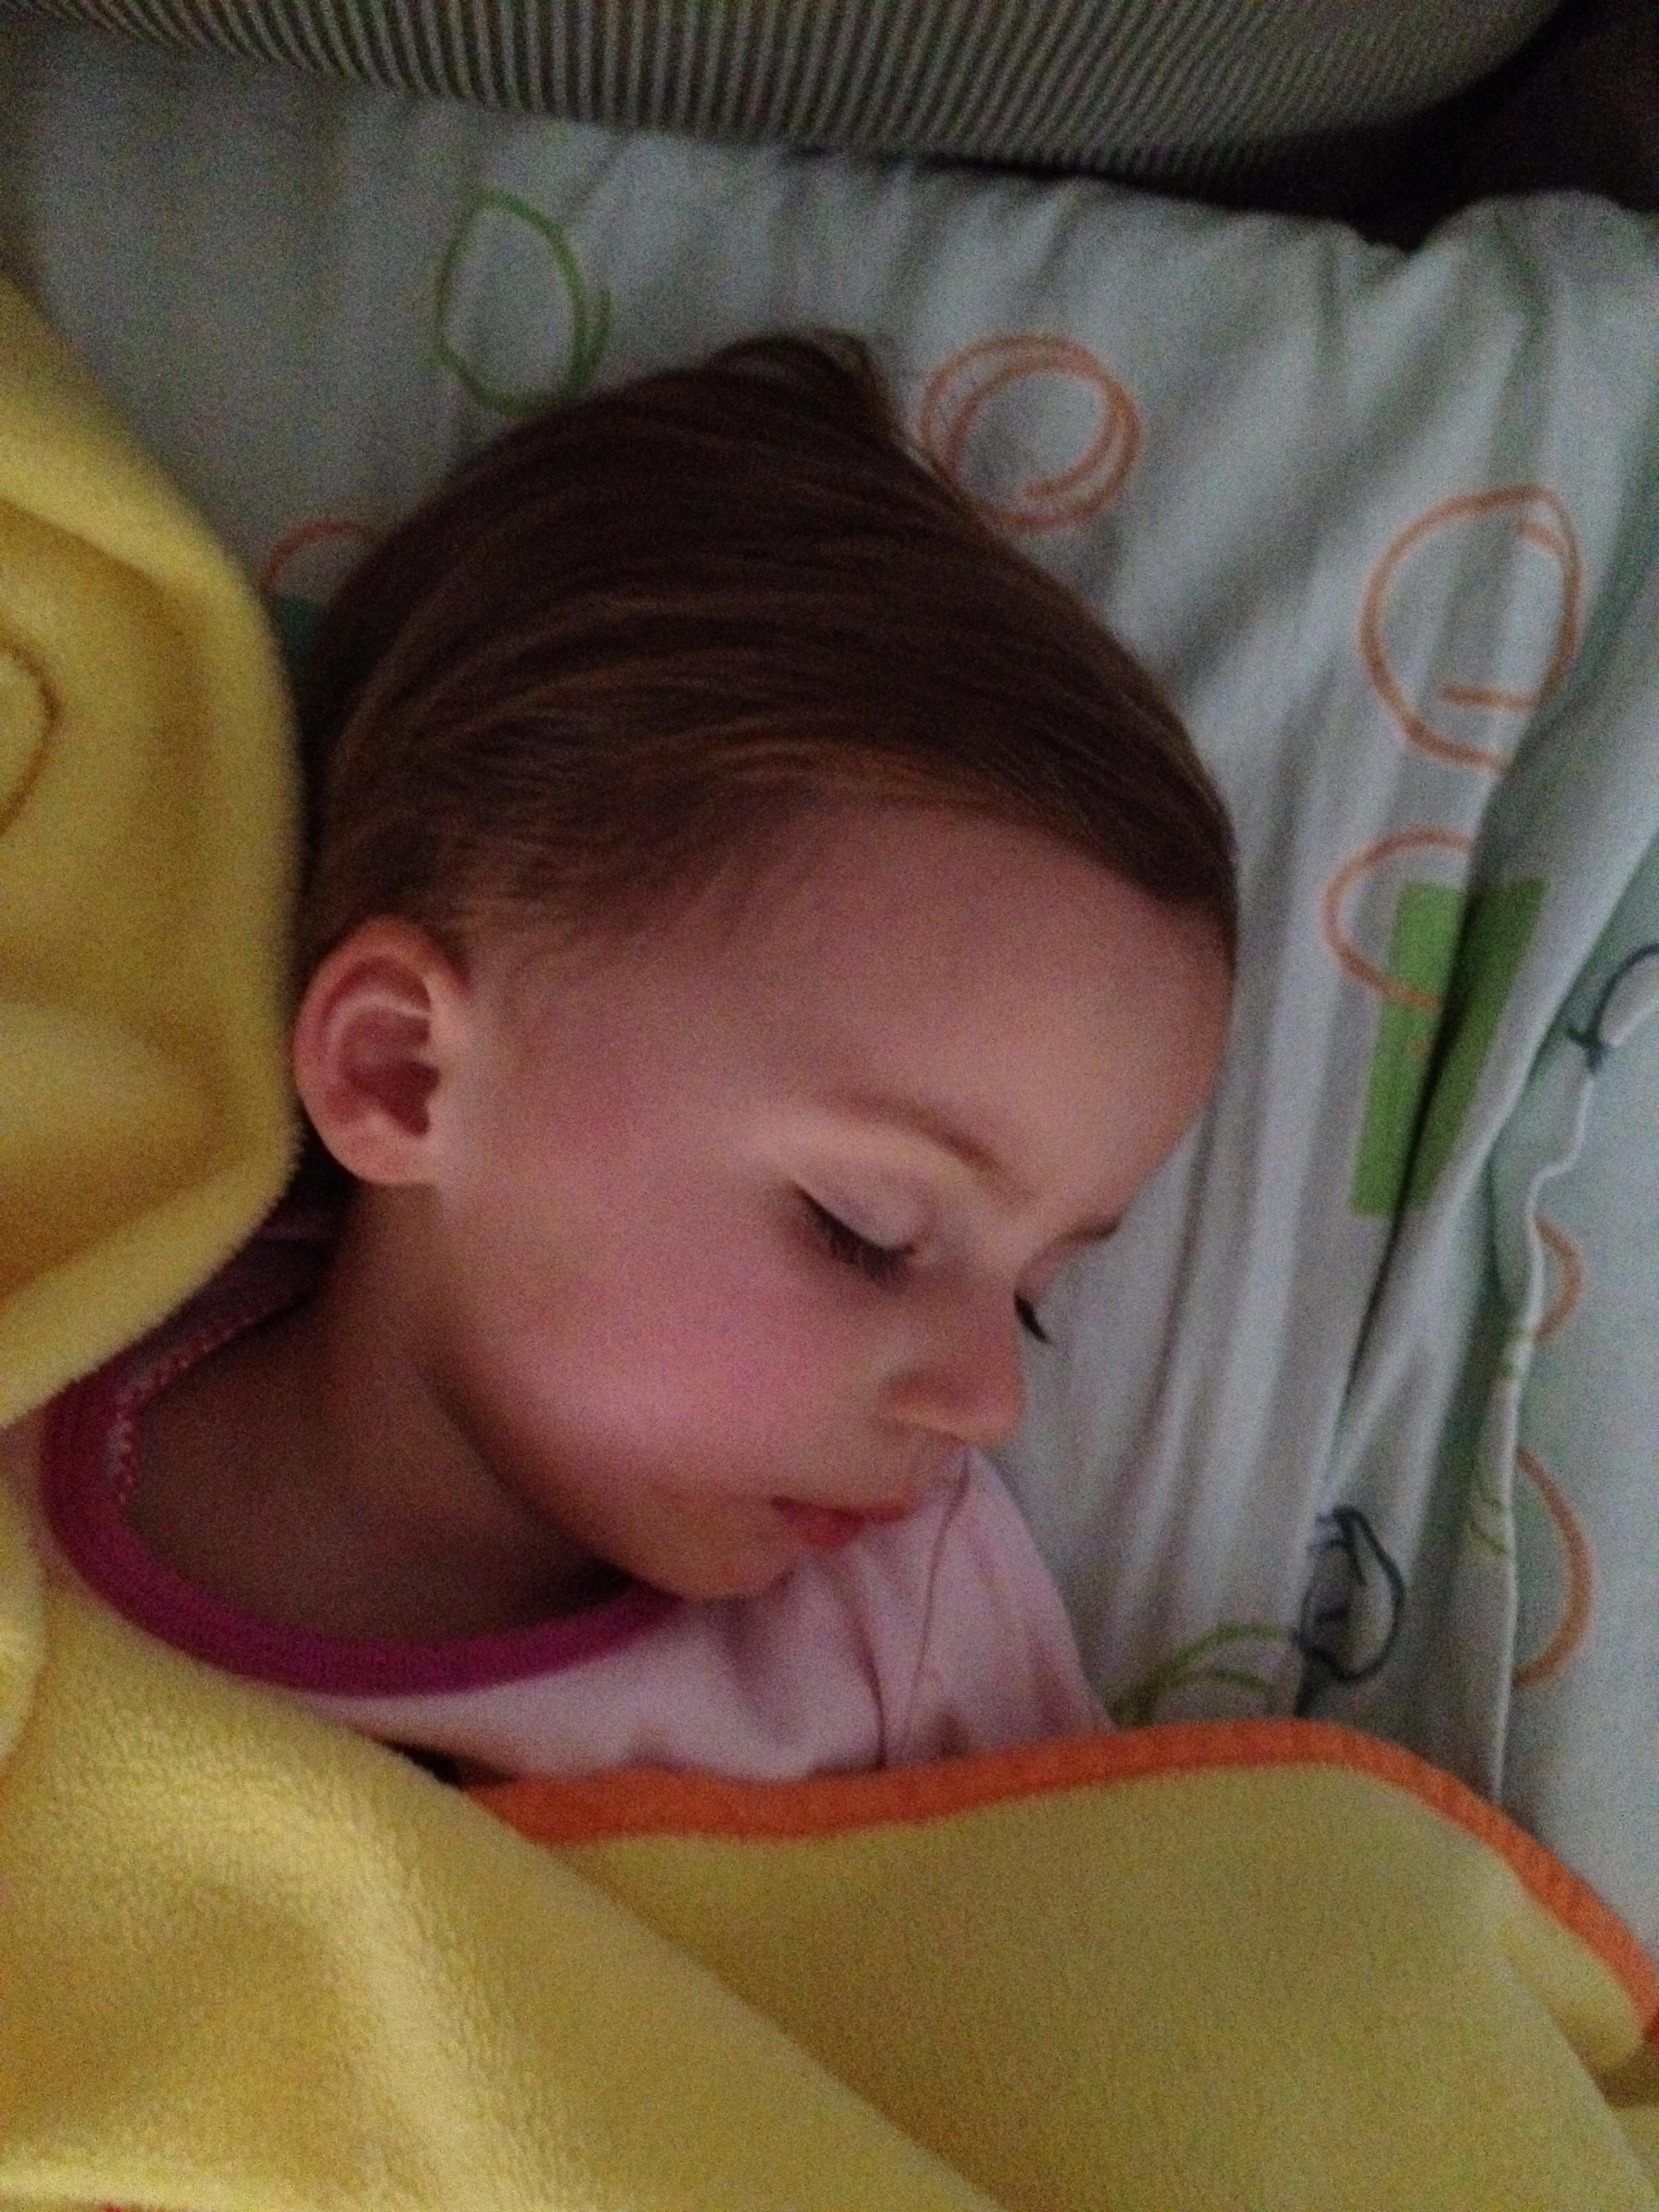 Ποιότητα του Ύπνου στην Παιδική Ηλικία και Παχυσαρκία.